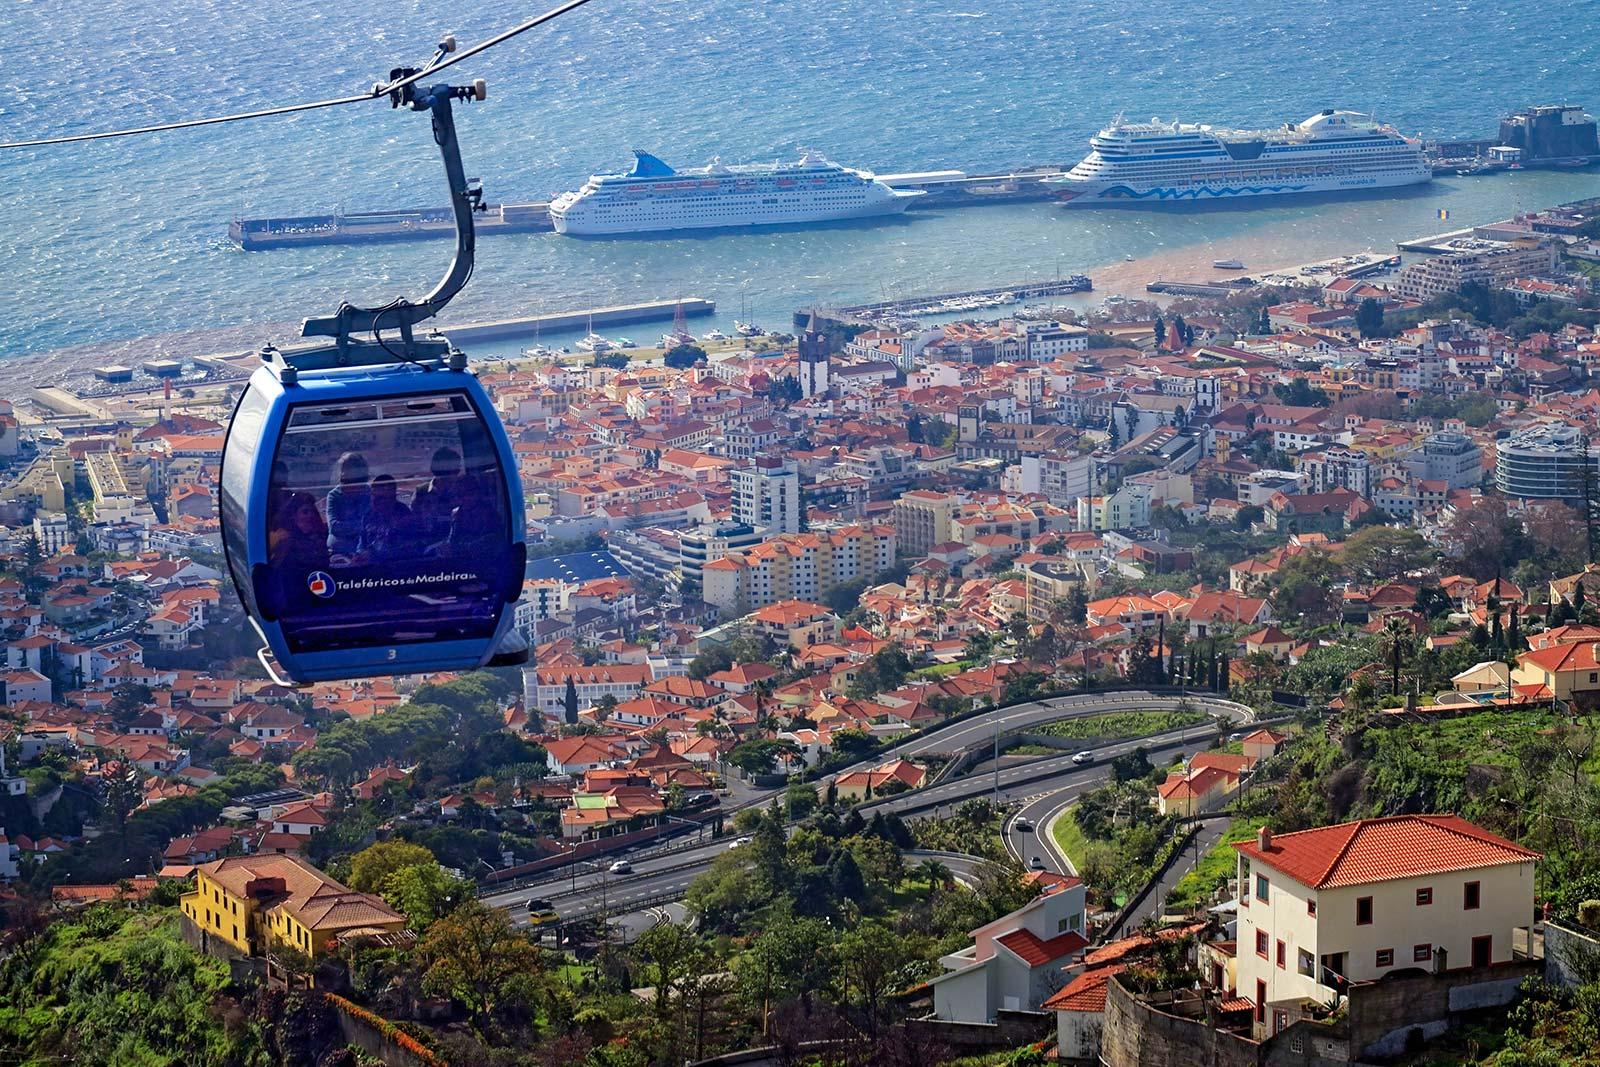 BOLHA IMOBILIÁRIA: Será que Portugal corre mesmo risco??